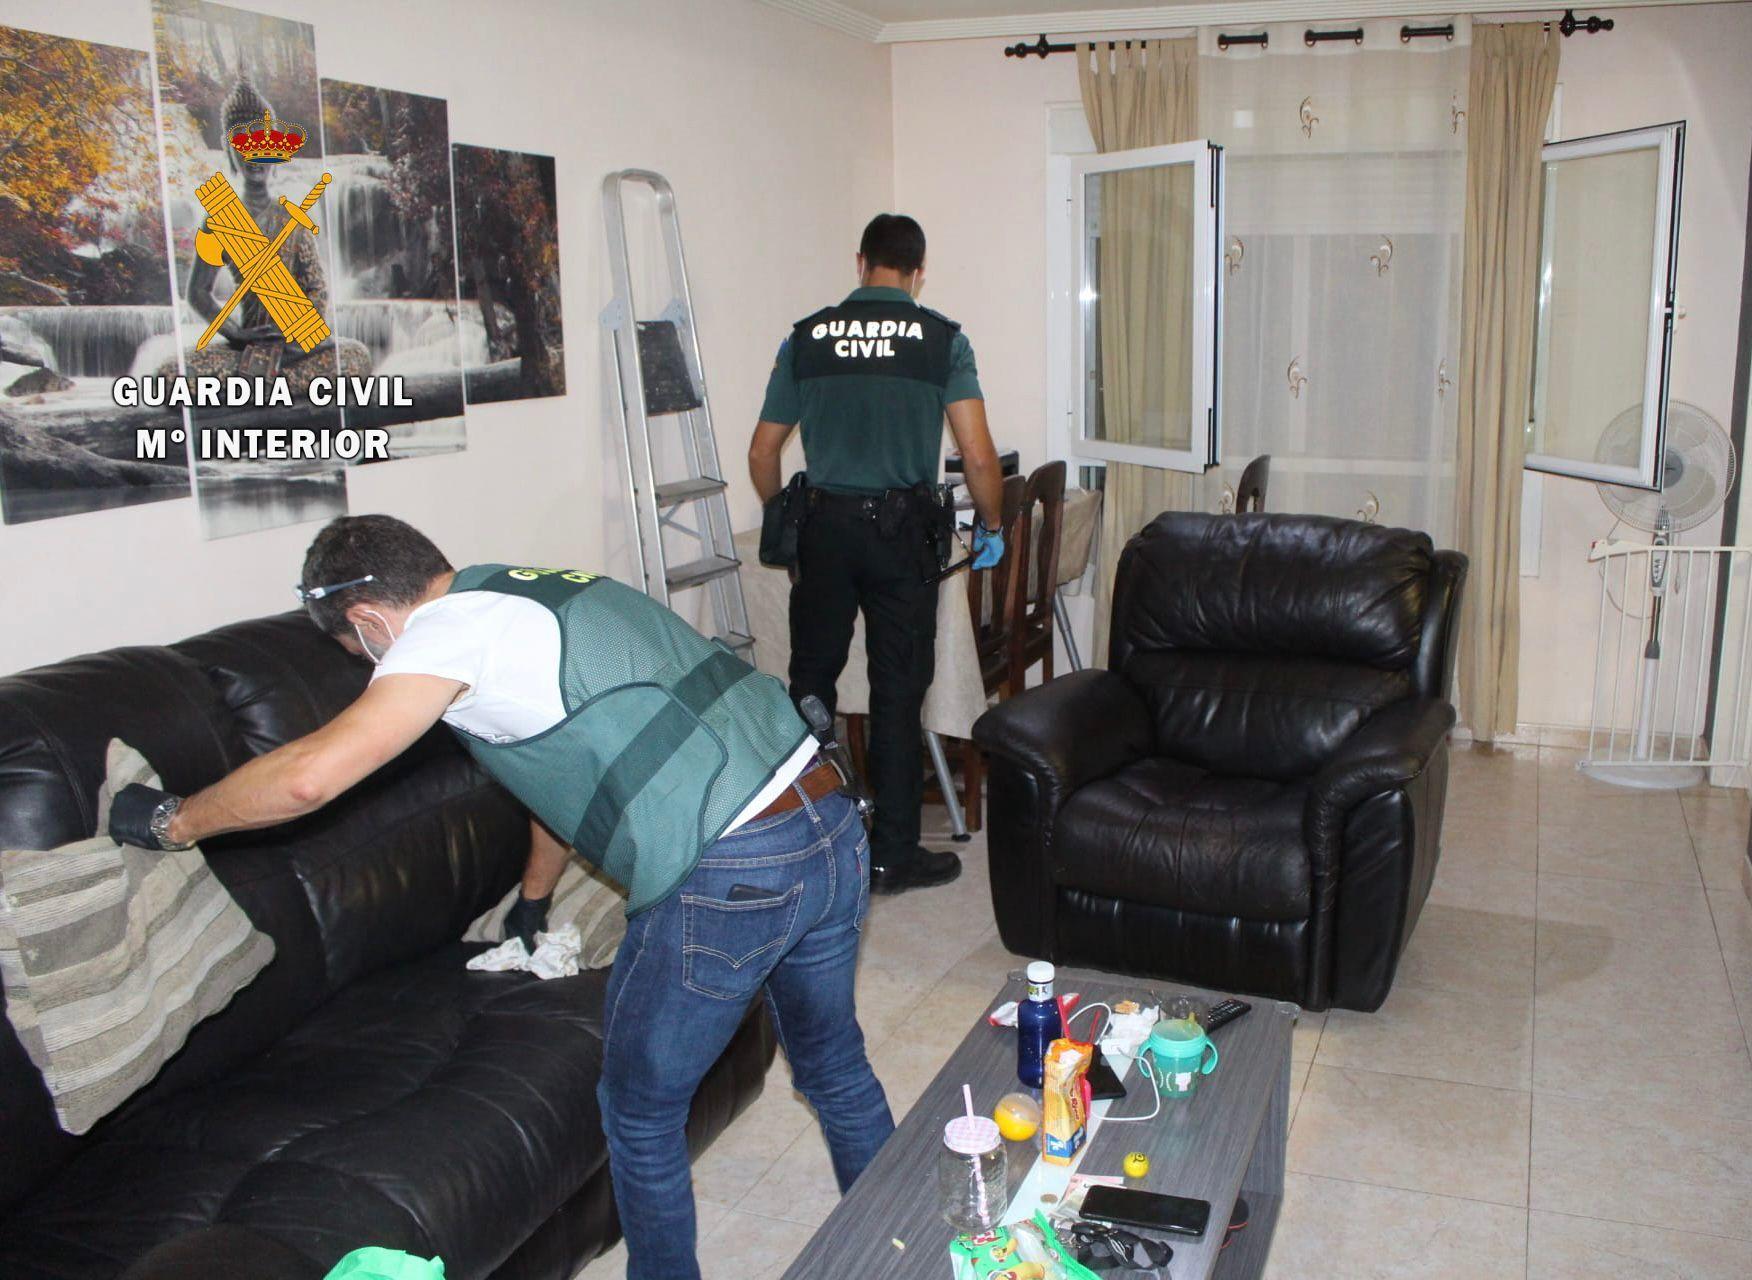 Dos agentes registran la vivienda.